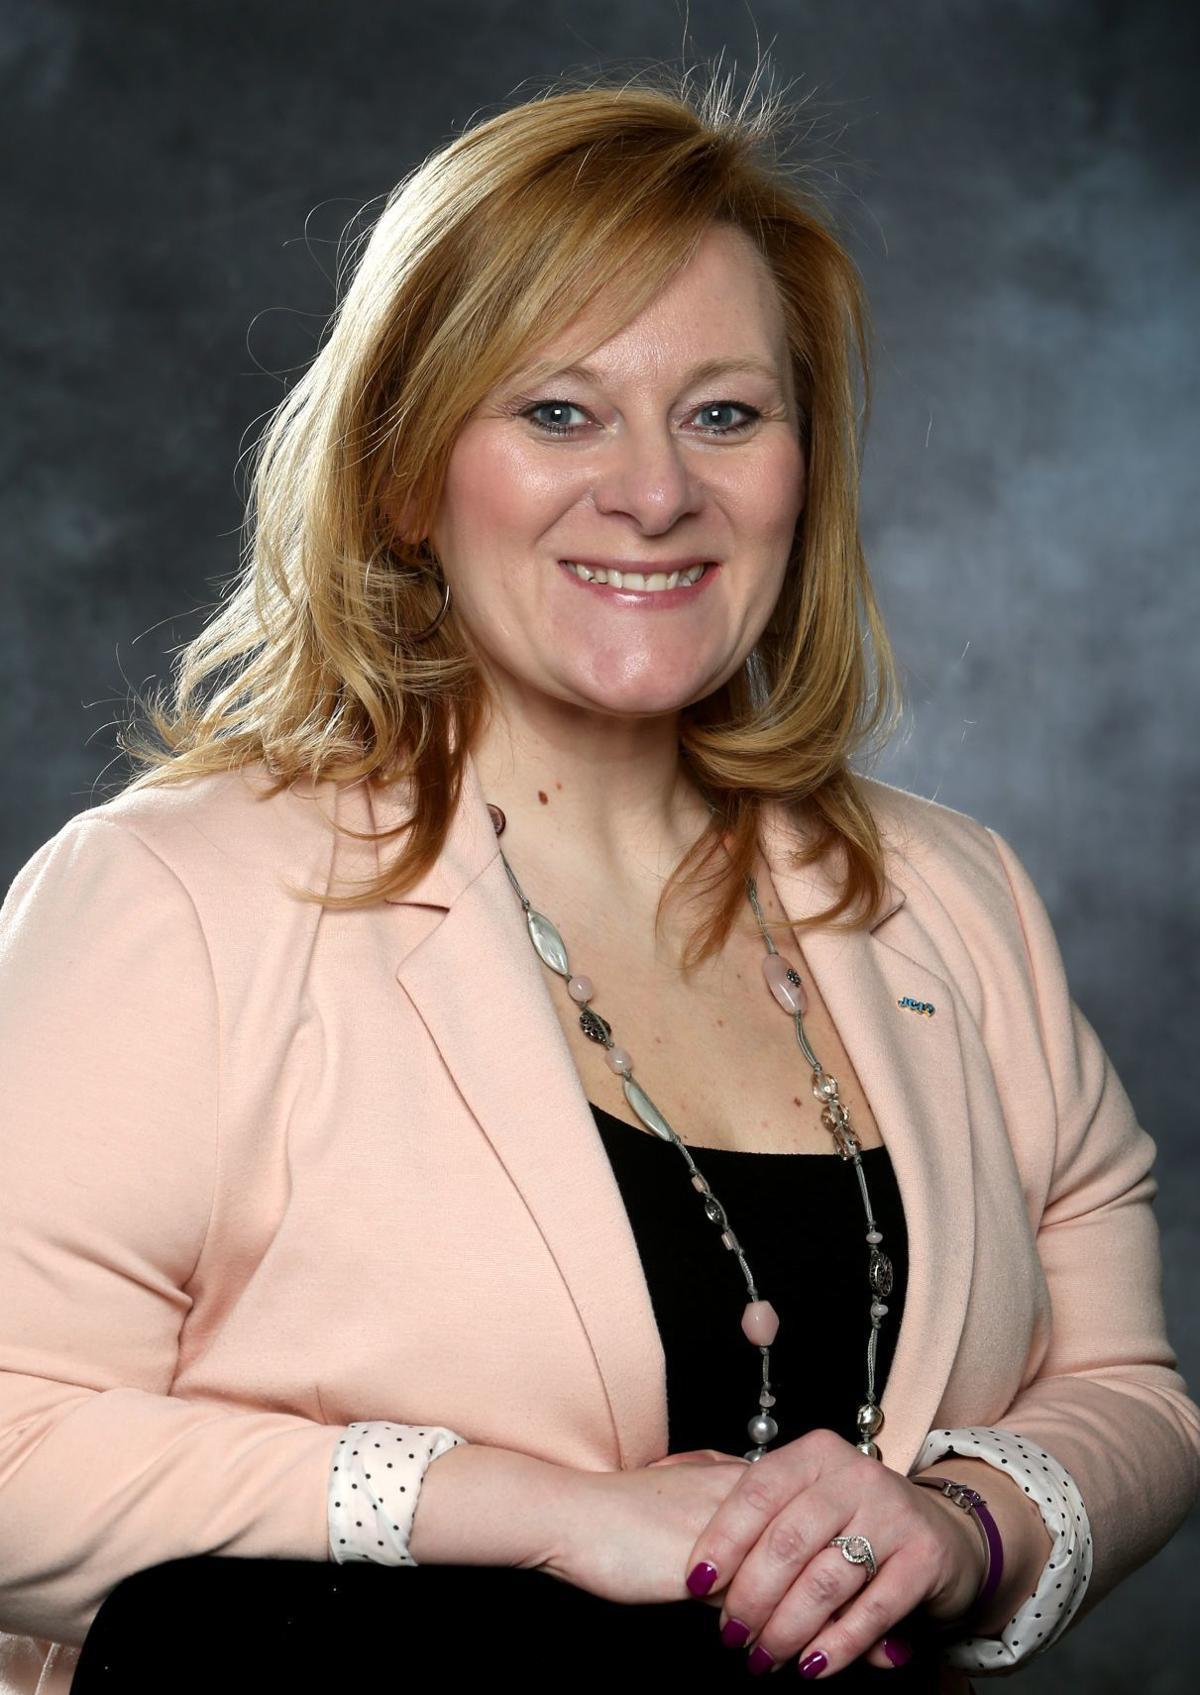 Noelle Nachreiner